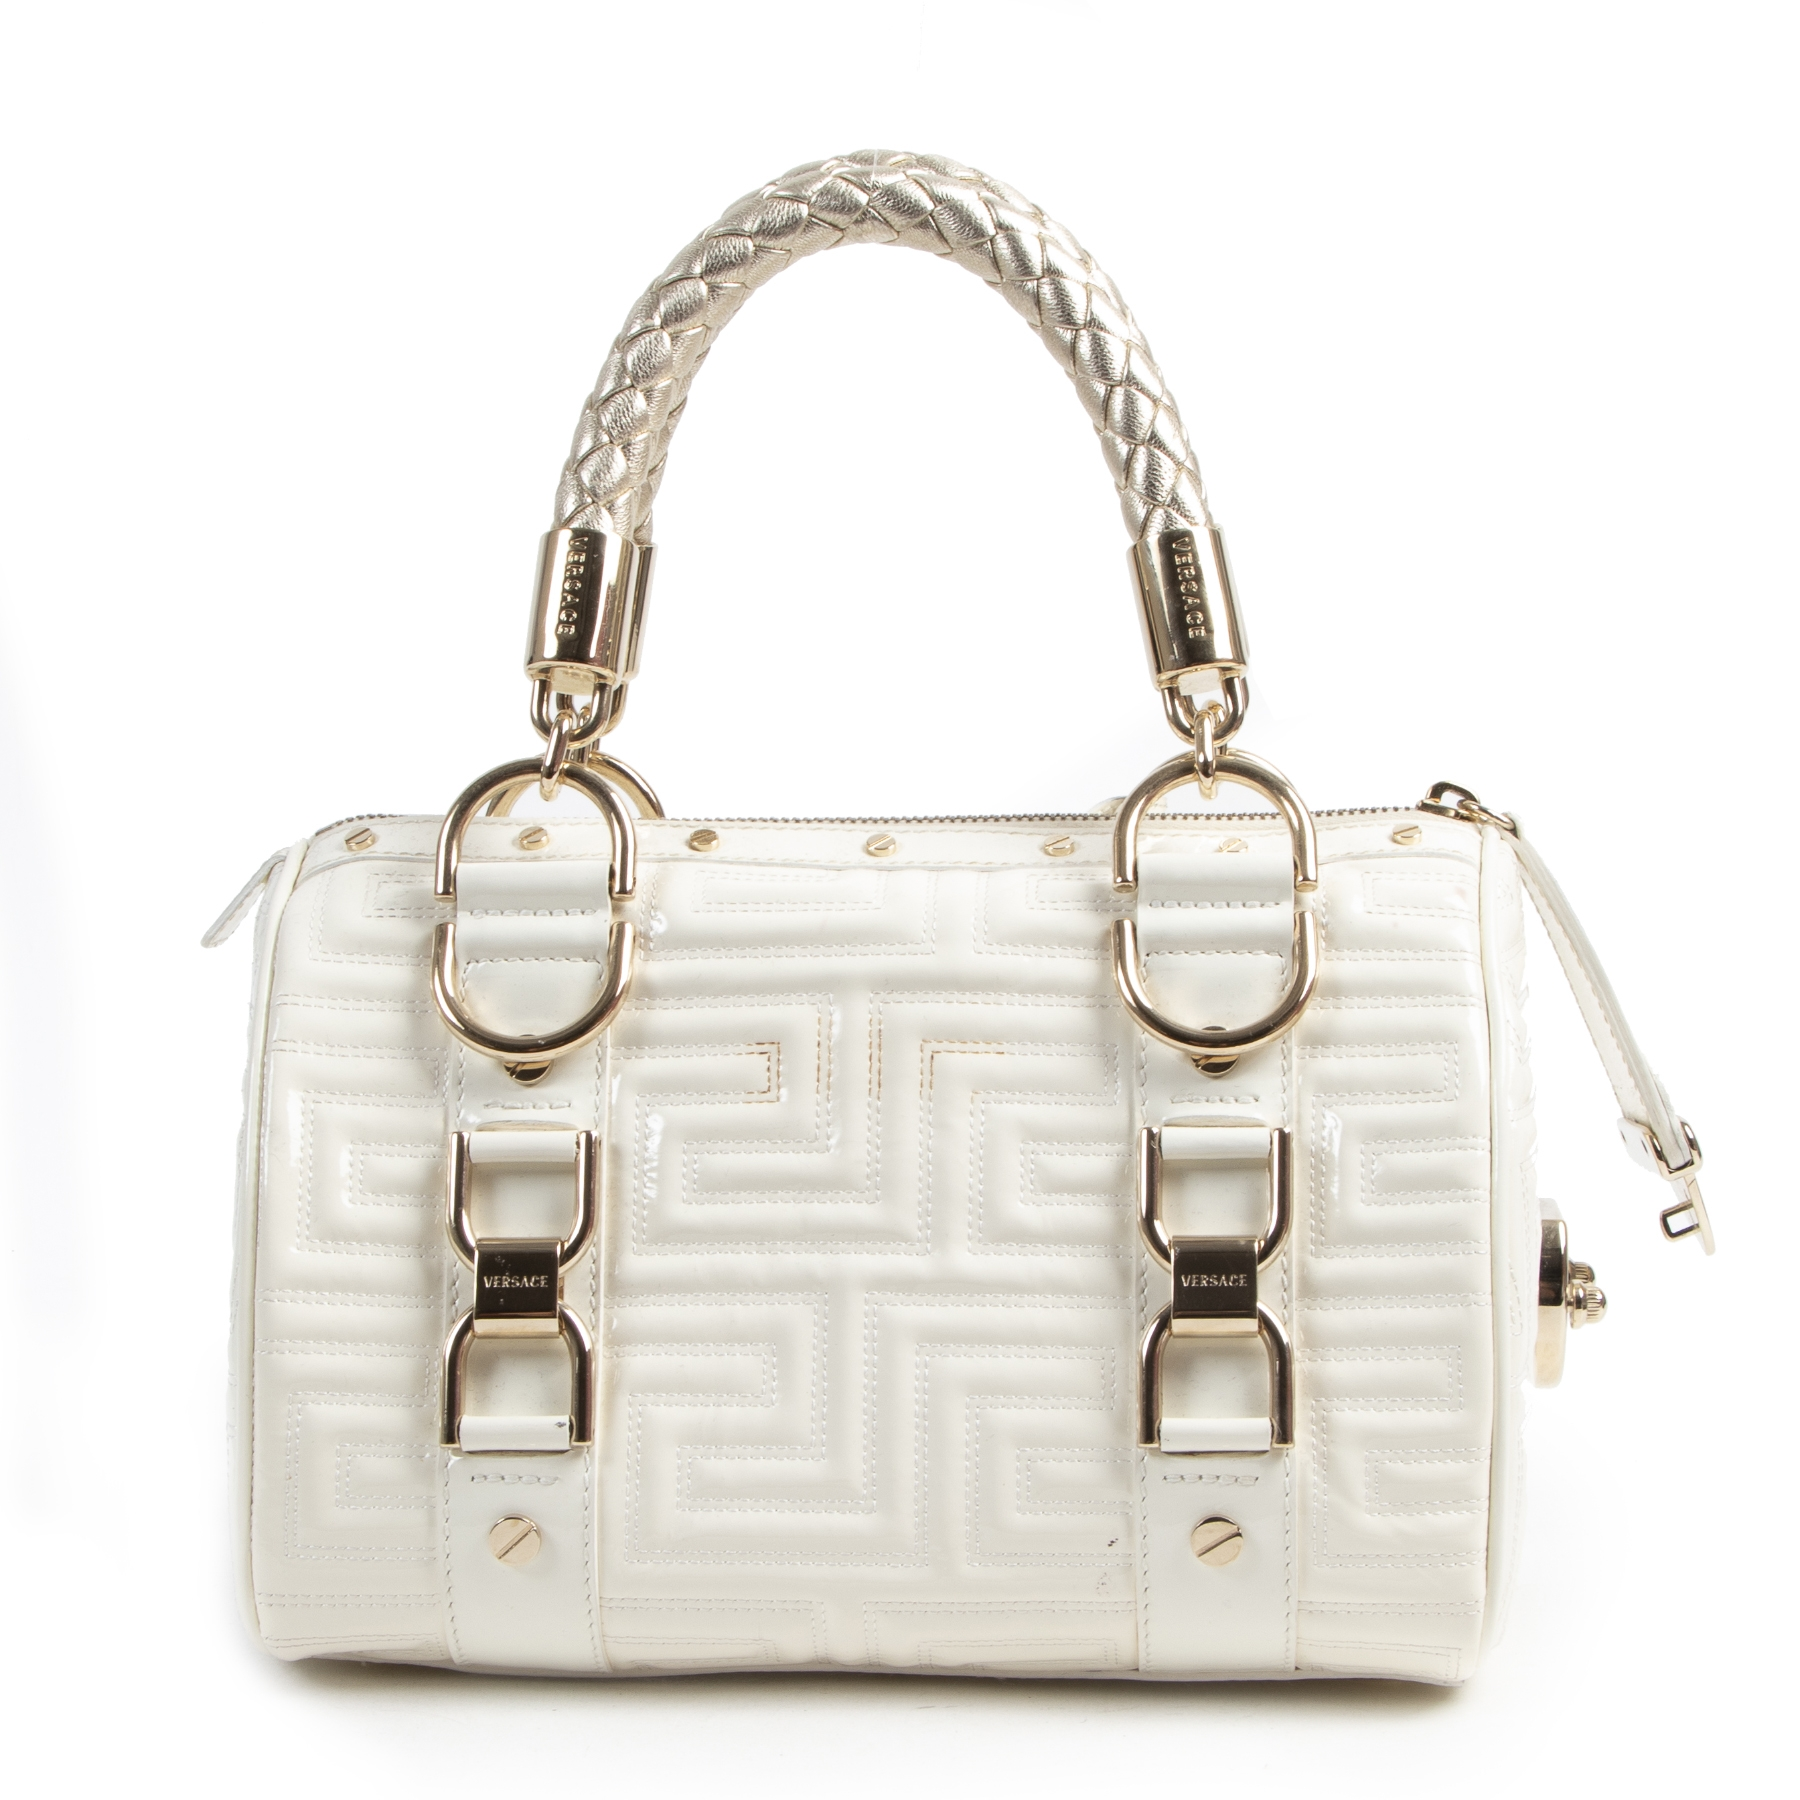 Authentieke Tweedehands Gianni Versace Couture White Patent Leather Top Handle Bag juiste prijs veilig online shoppen luxe merken webshop winkelen Antwerpen België mode fashion